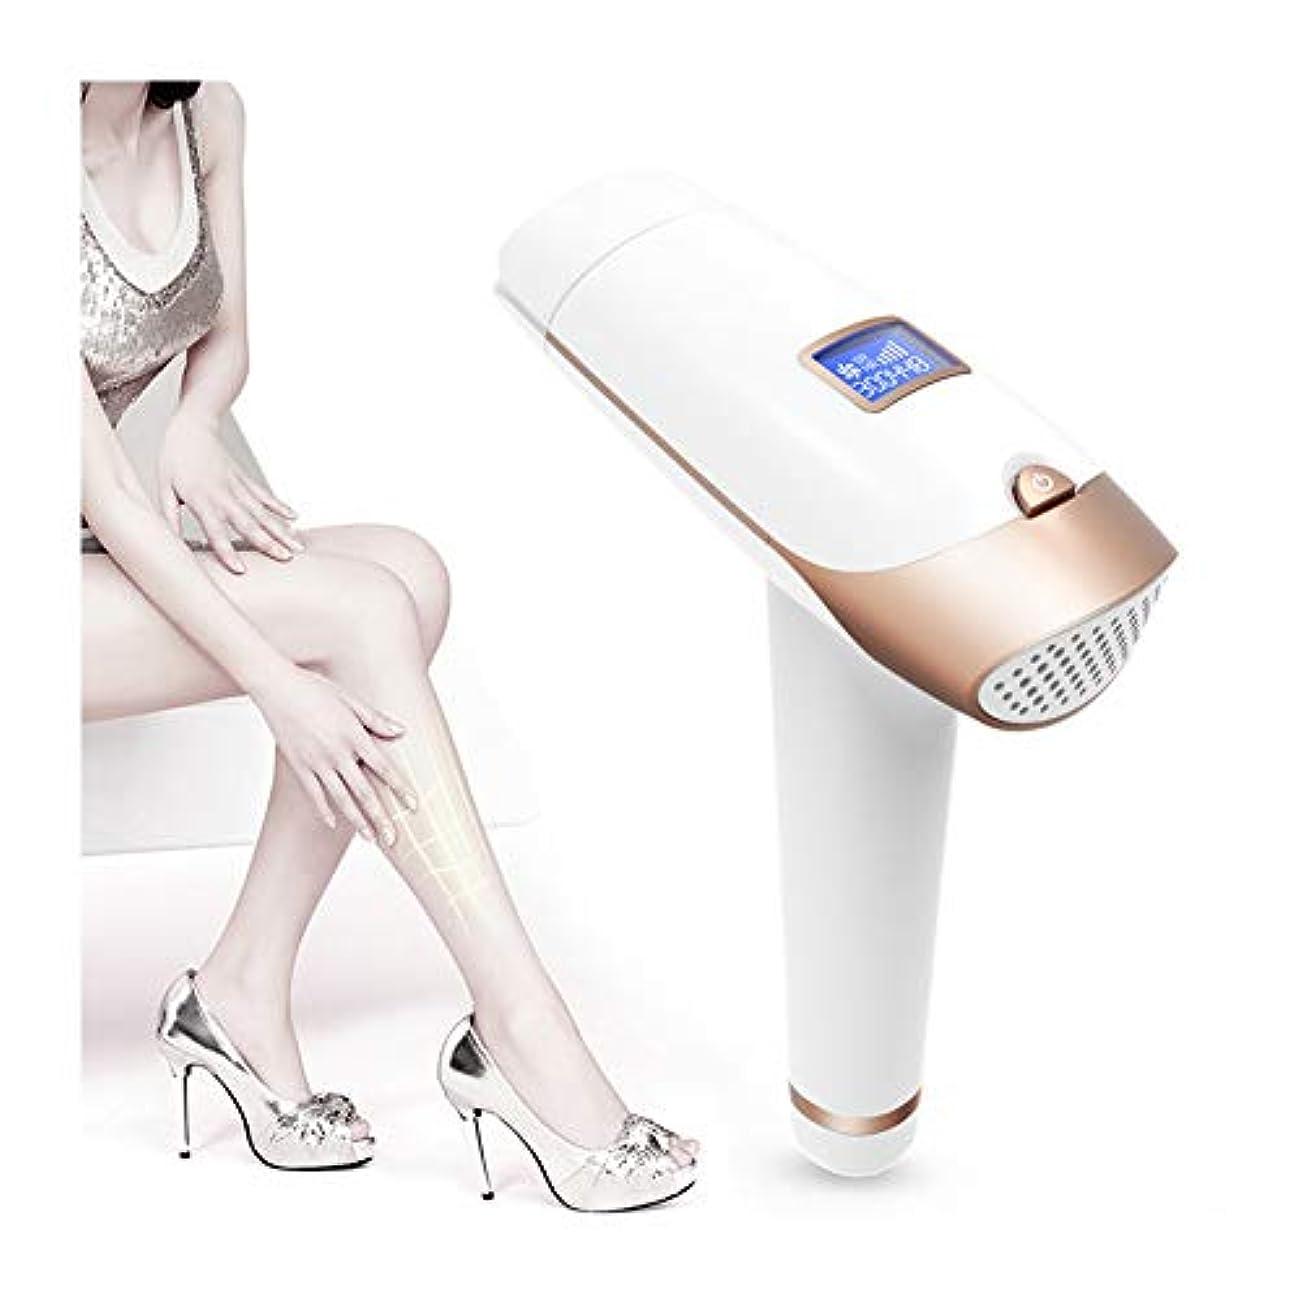 失う男信じられない女性のためのIPLの毛の取り外し装置IPLの毛の除去剤、IPLレーザーの毛の取り外し、凍結ポイント痛みのない永久的なレーザーの毛の取り外し機械を改善して下さい